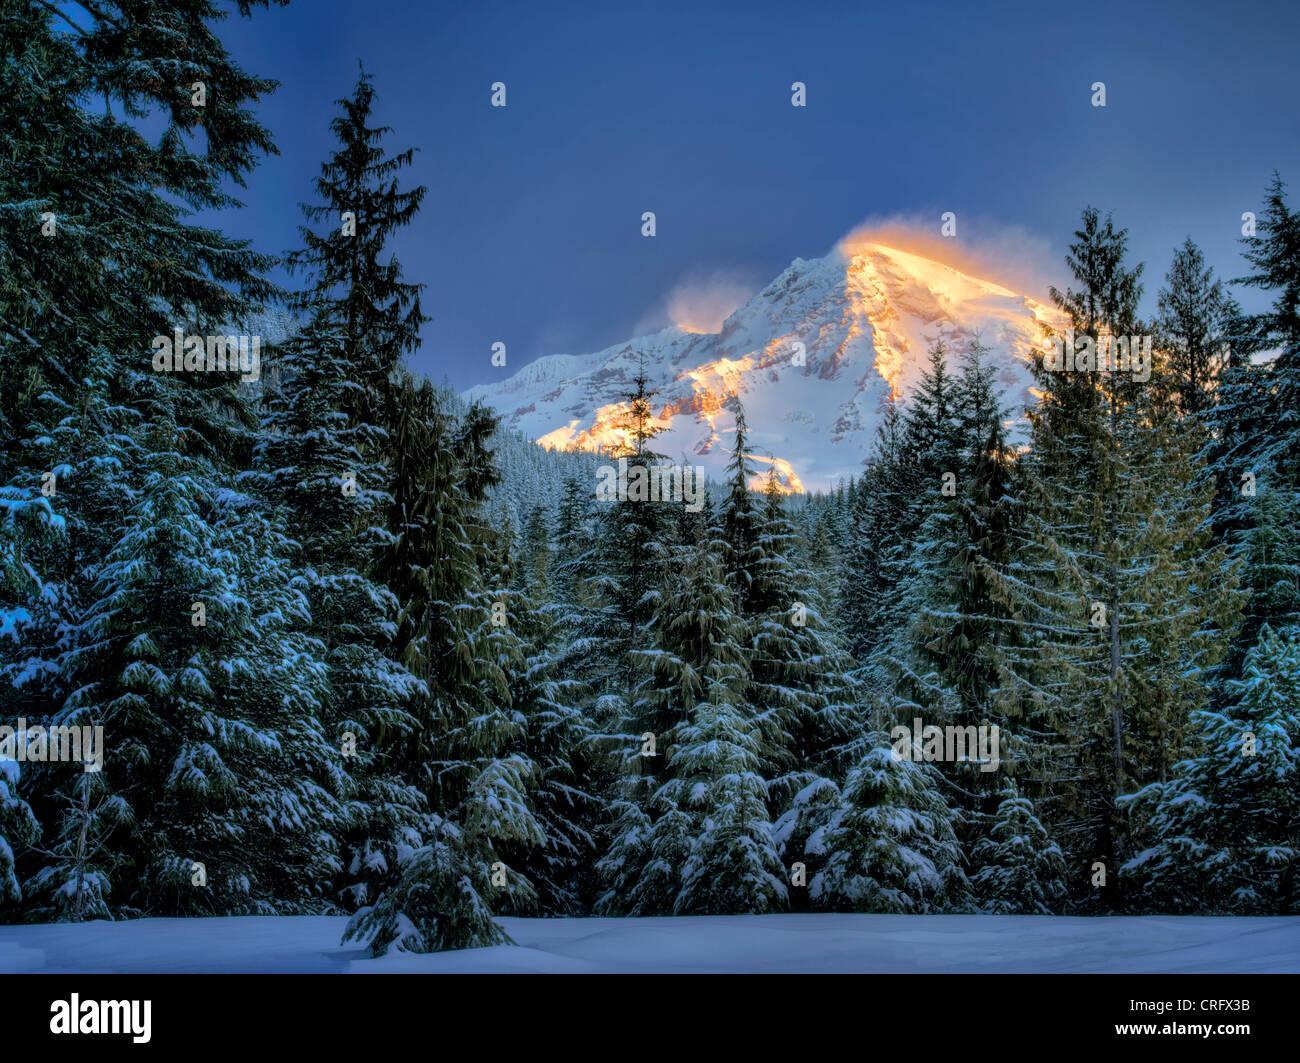 Mt. Rainier after snowstorm. Mt. Rainier National Park, Washington - Stock Image